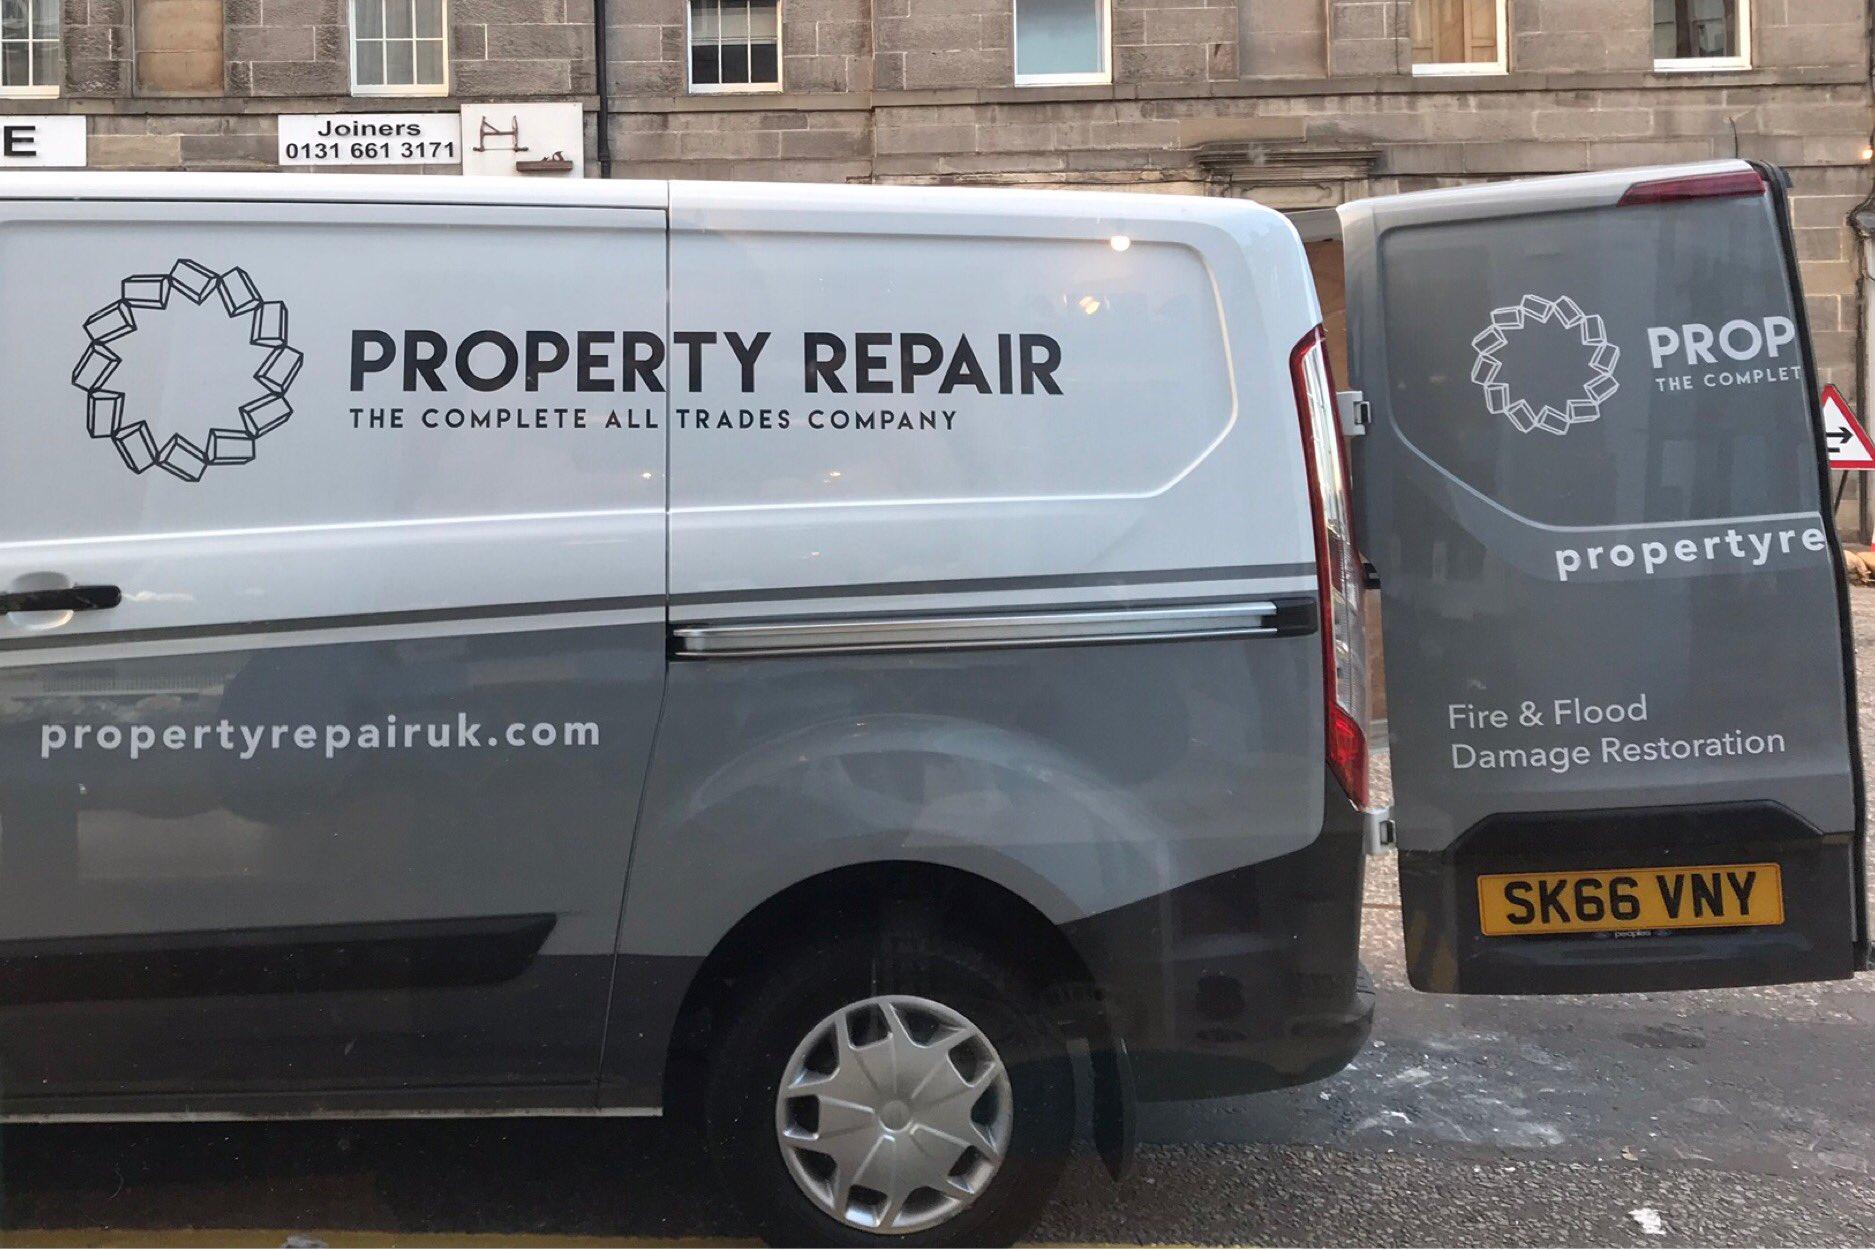 Property Repair